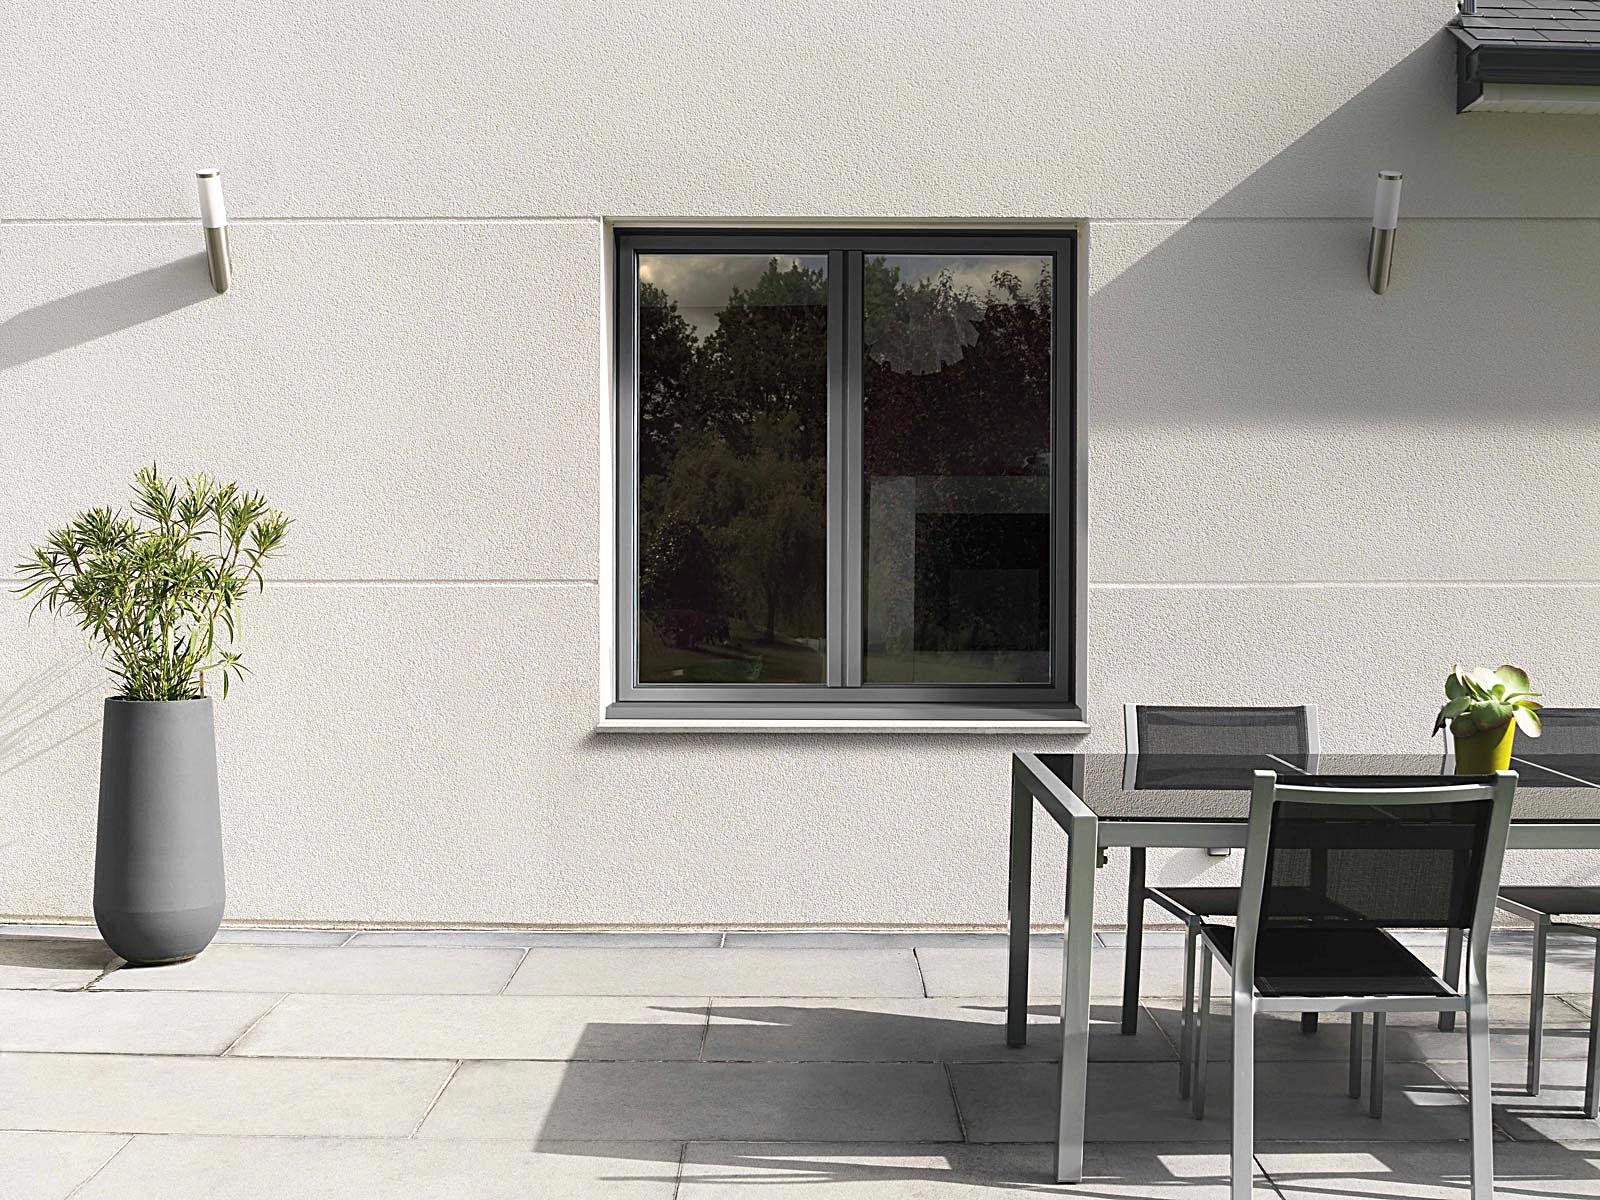 Installateur de fenêtres sur mesure à Autrans